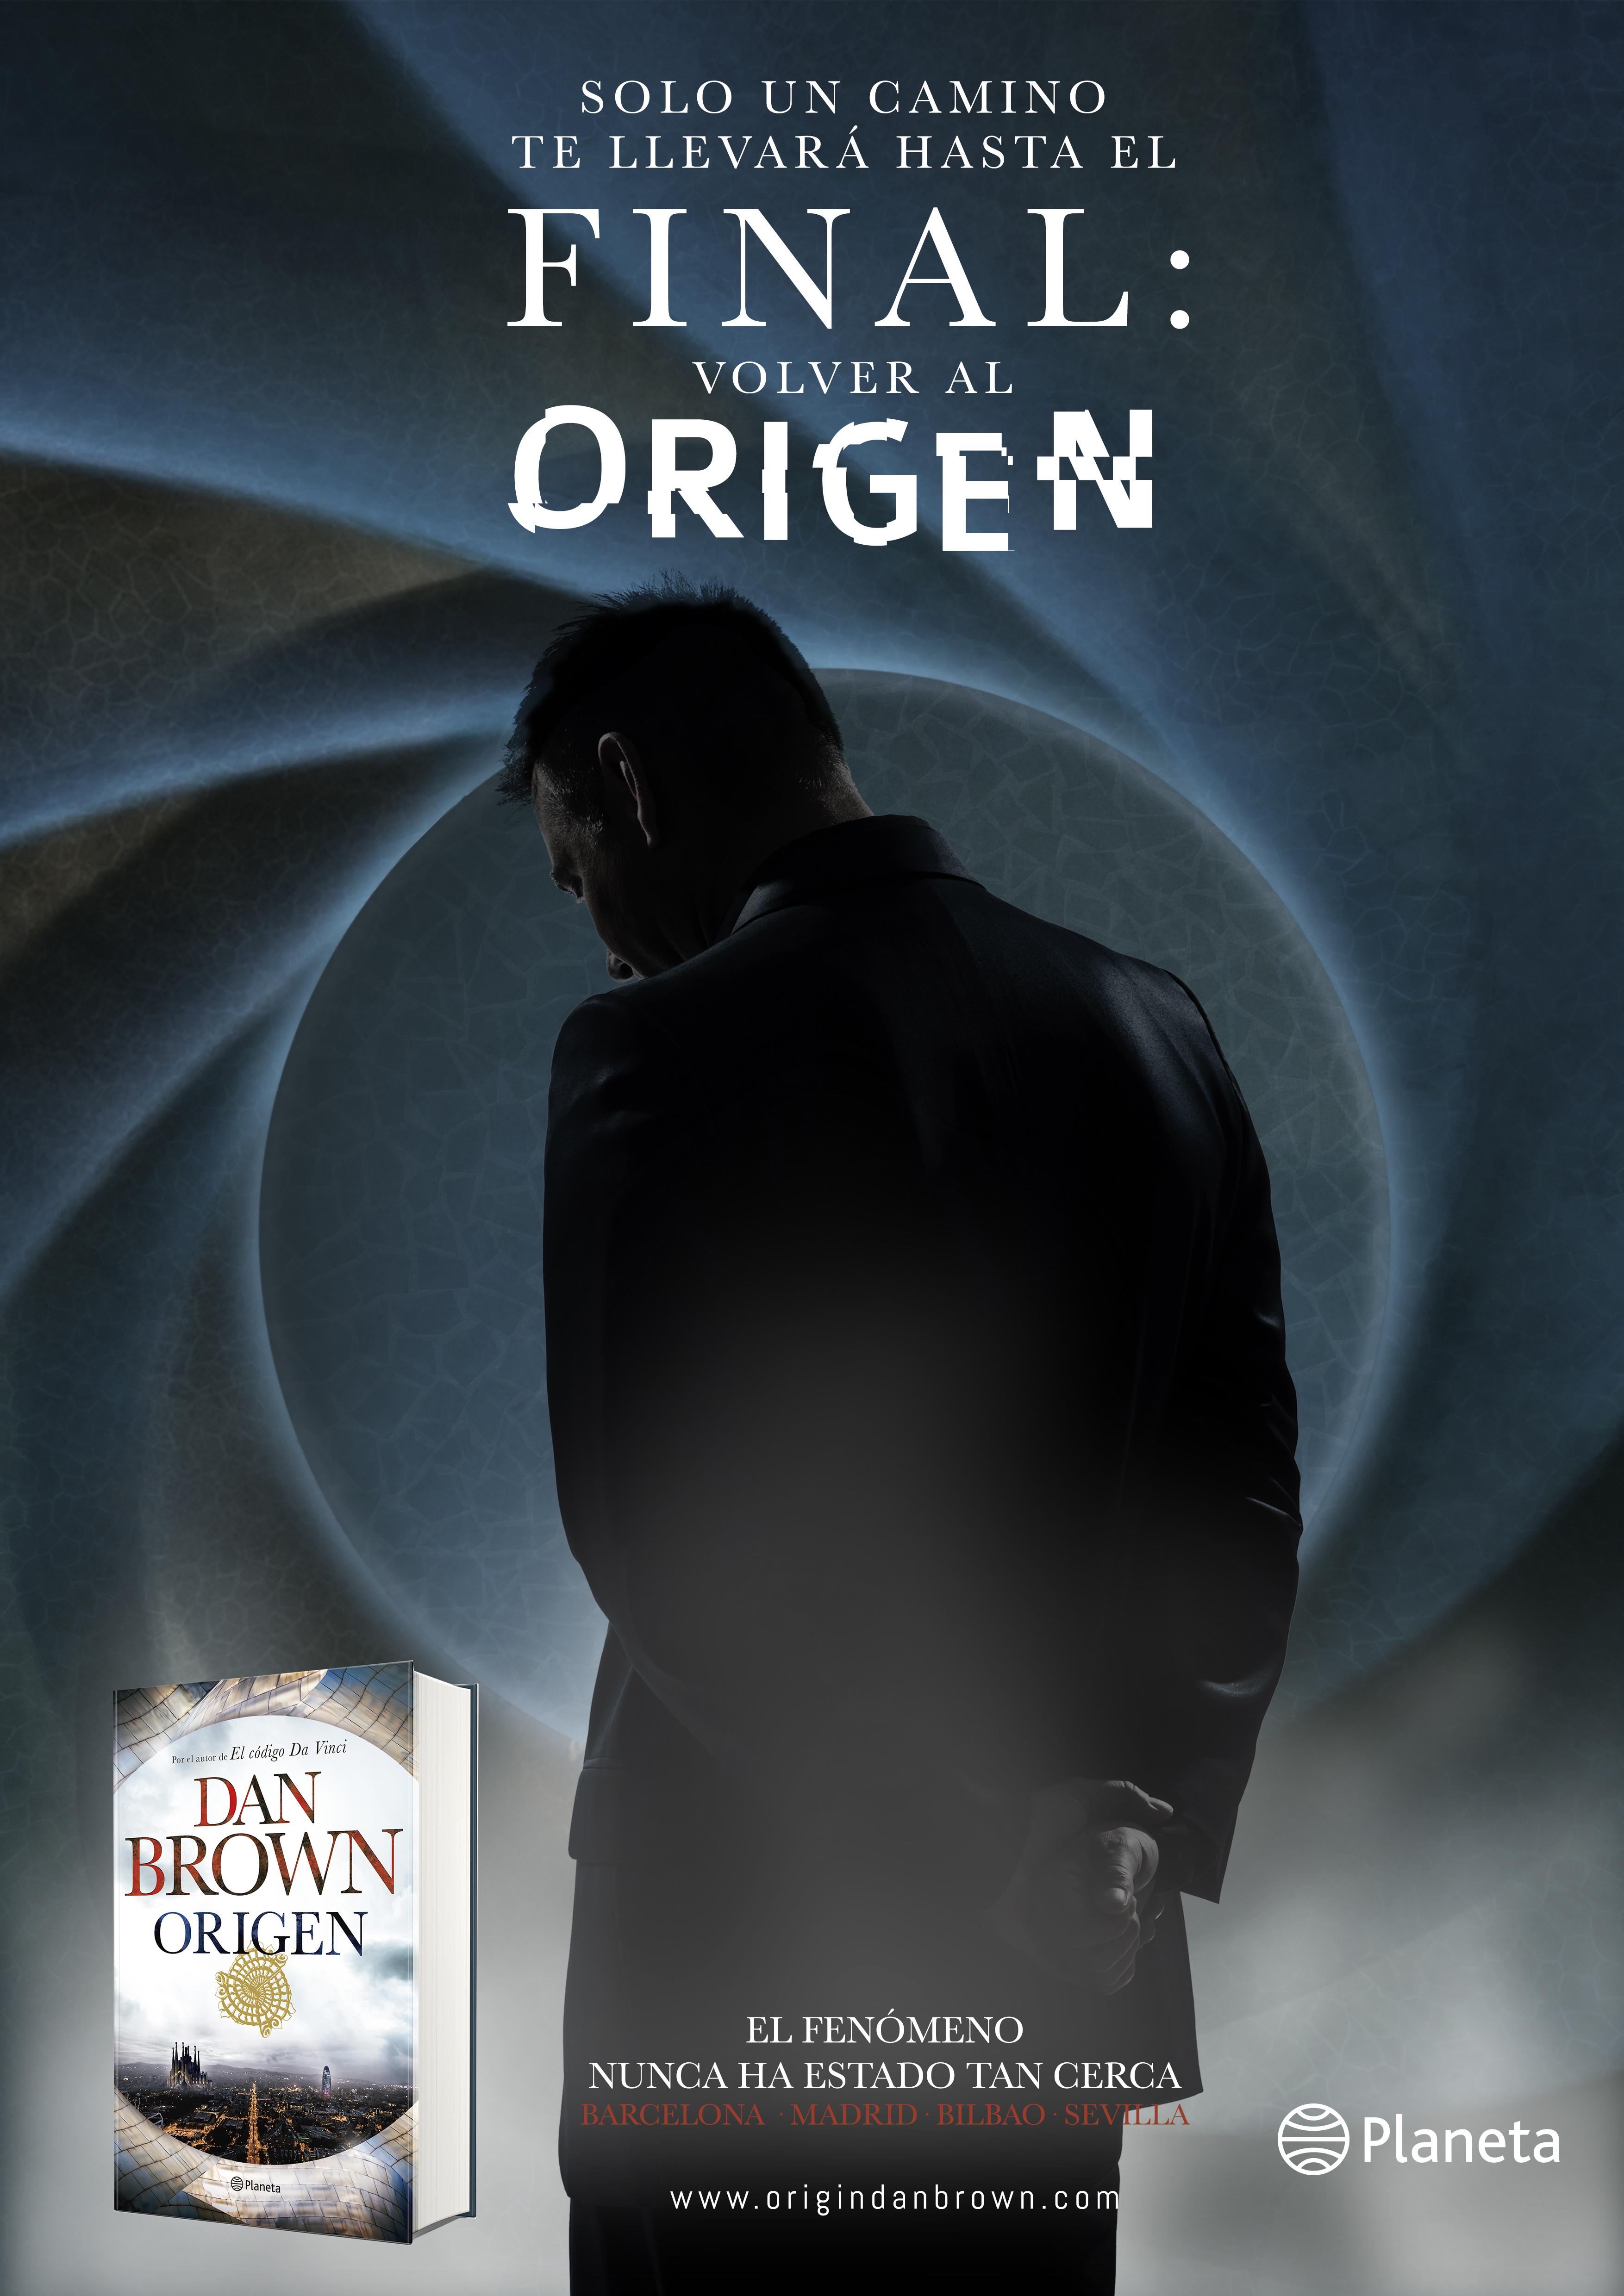 Planeta · Dan Brown's Origin Campaign